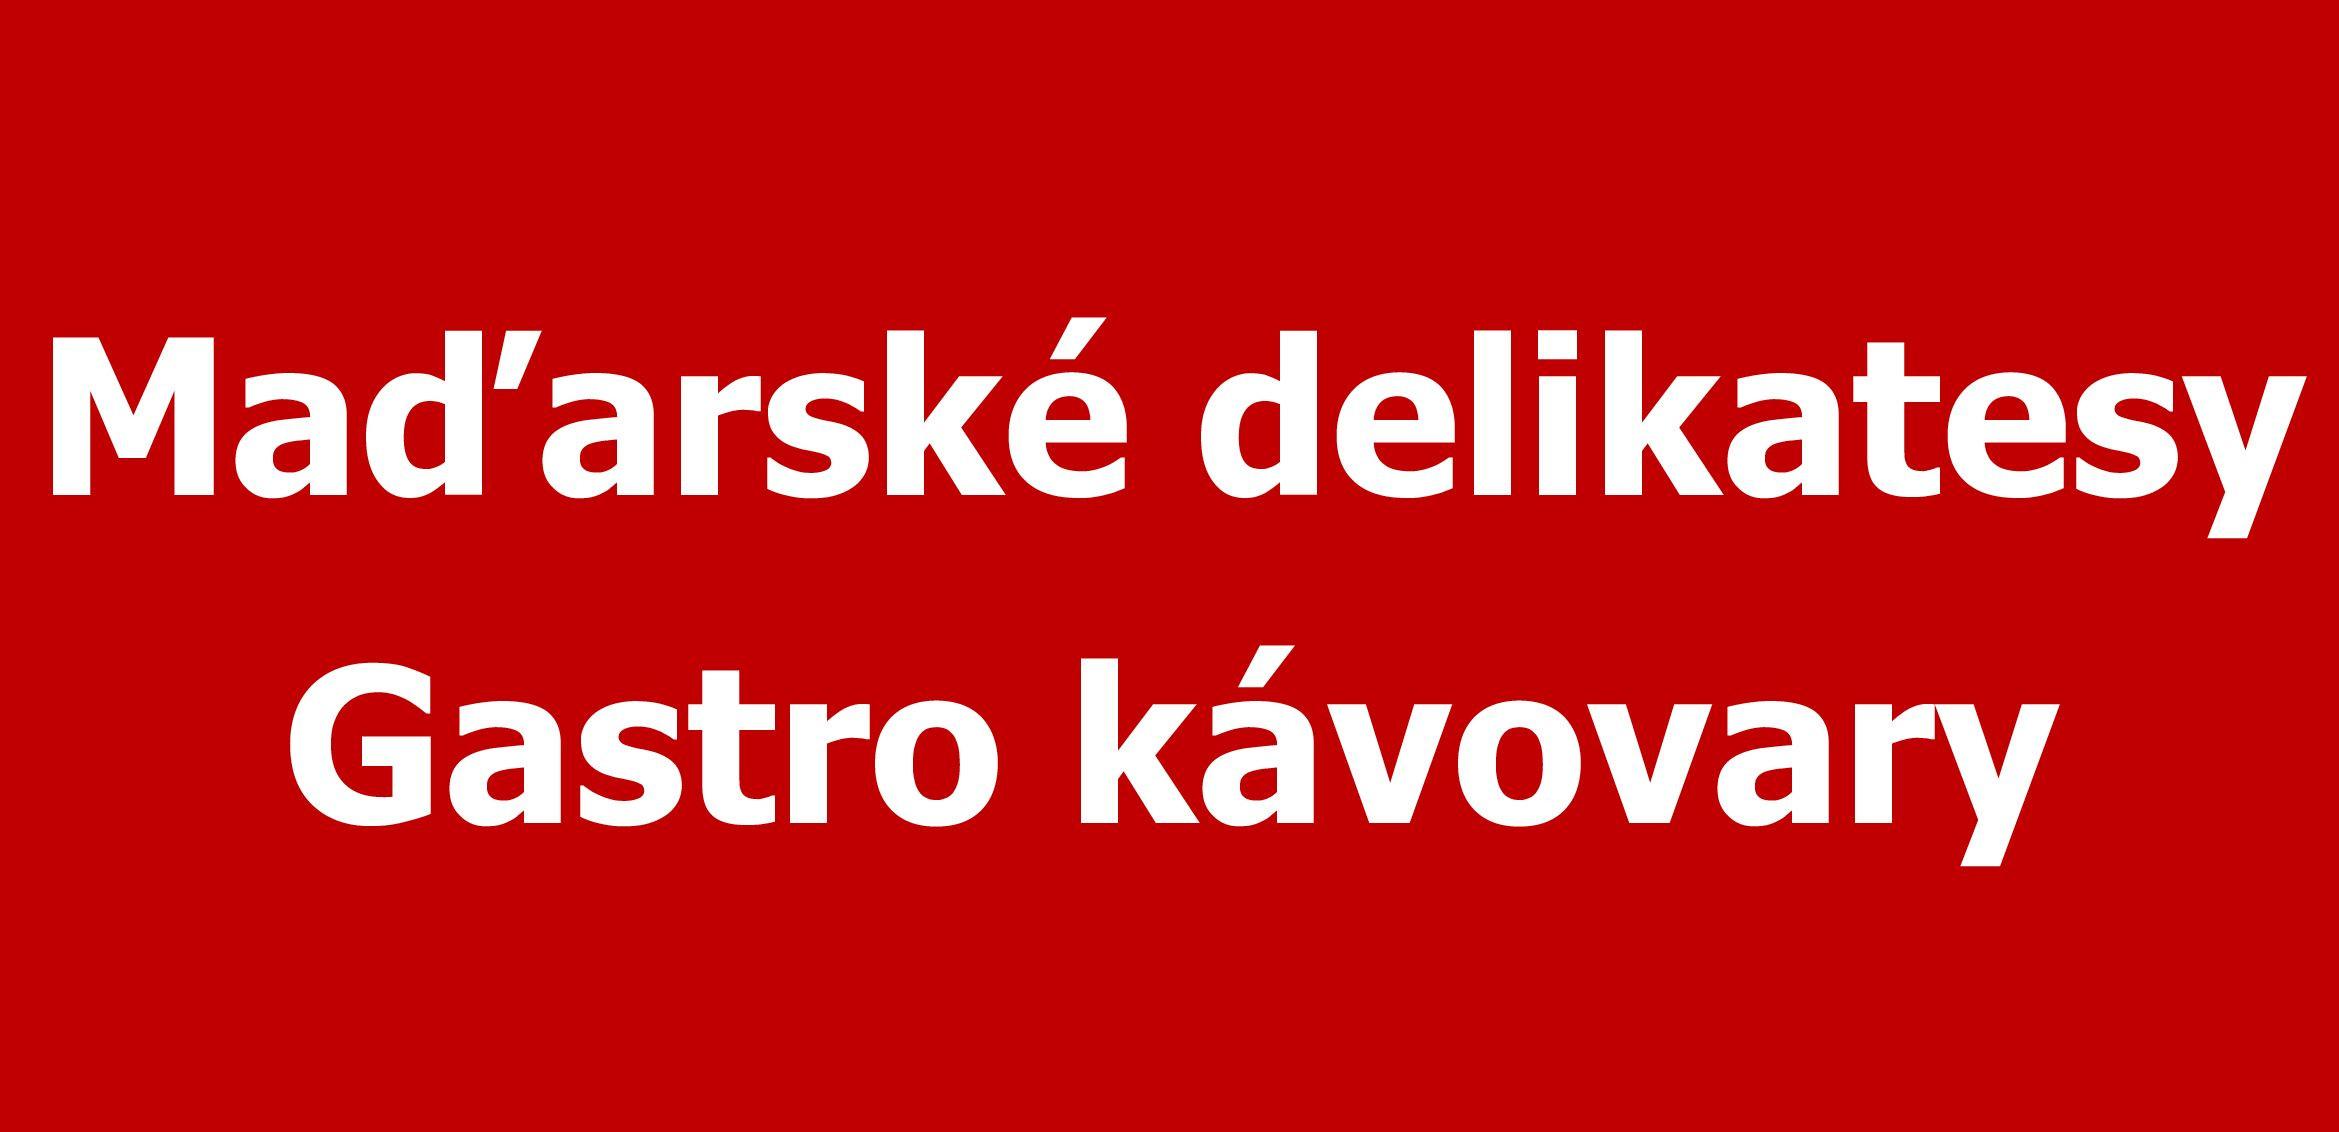 Maďarská vína a delikatesy - Gastro kávovary